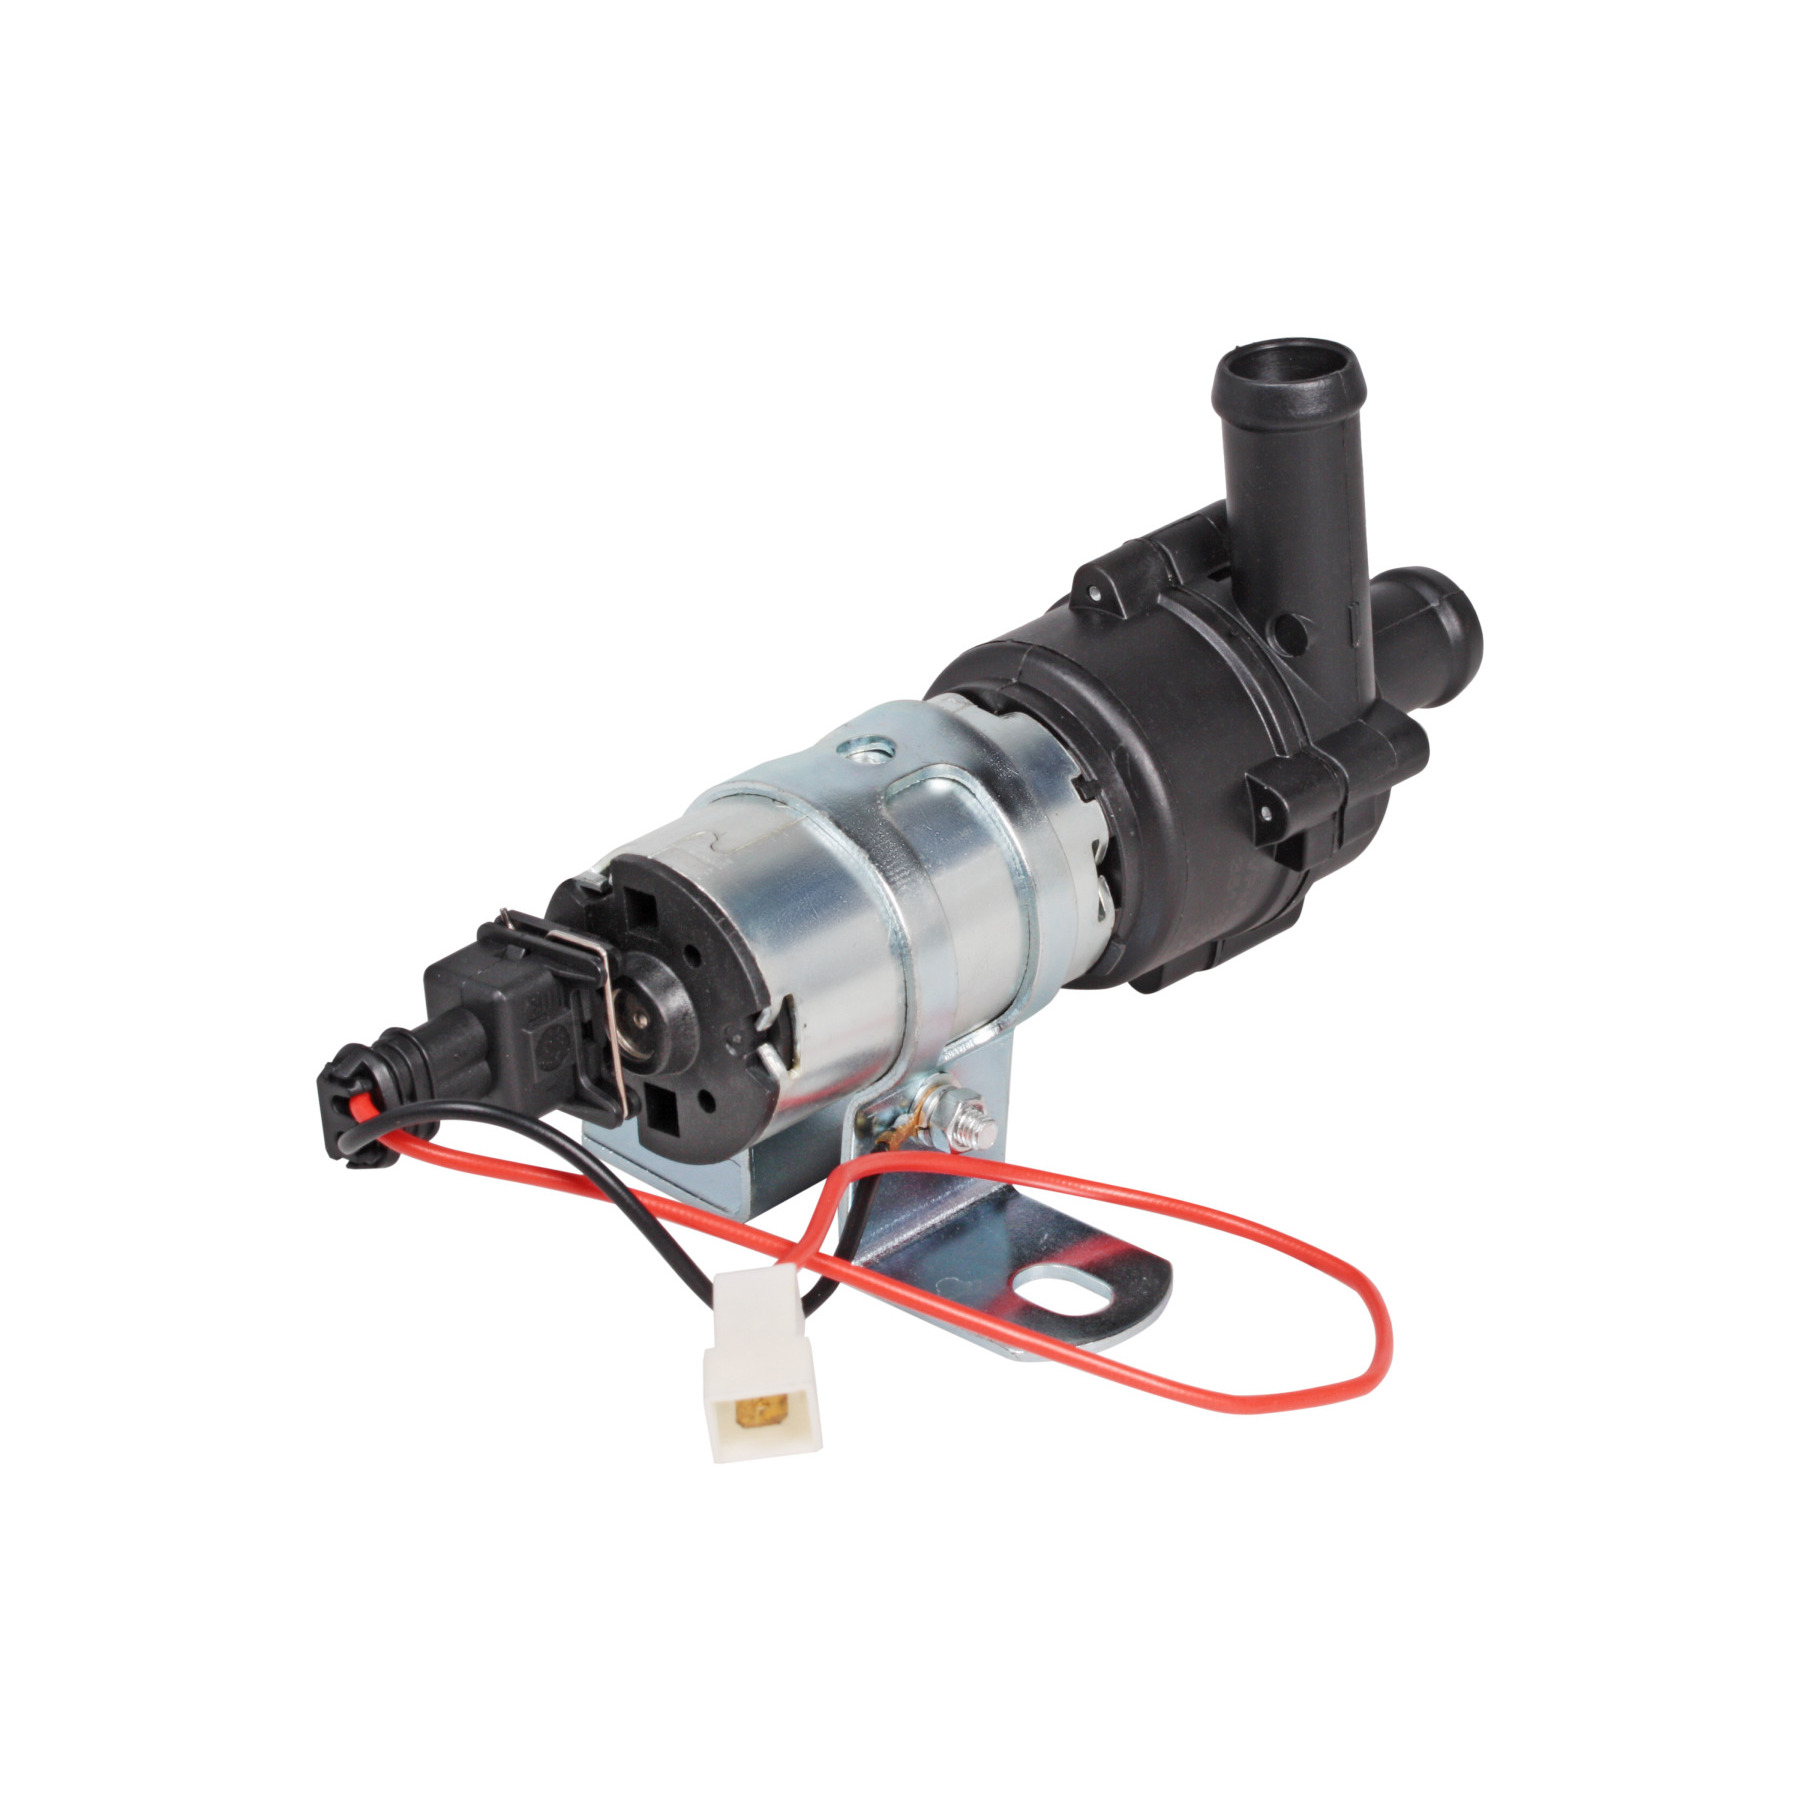 Насос отопителя с магнитной крыльчаткой (12В,16мм) для автомобилей ГАЗ 3221/2217 STARTVOLT VPM 0378 E Детали для обогревателя      АлиЭкспресс